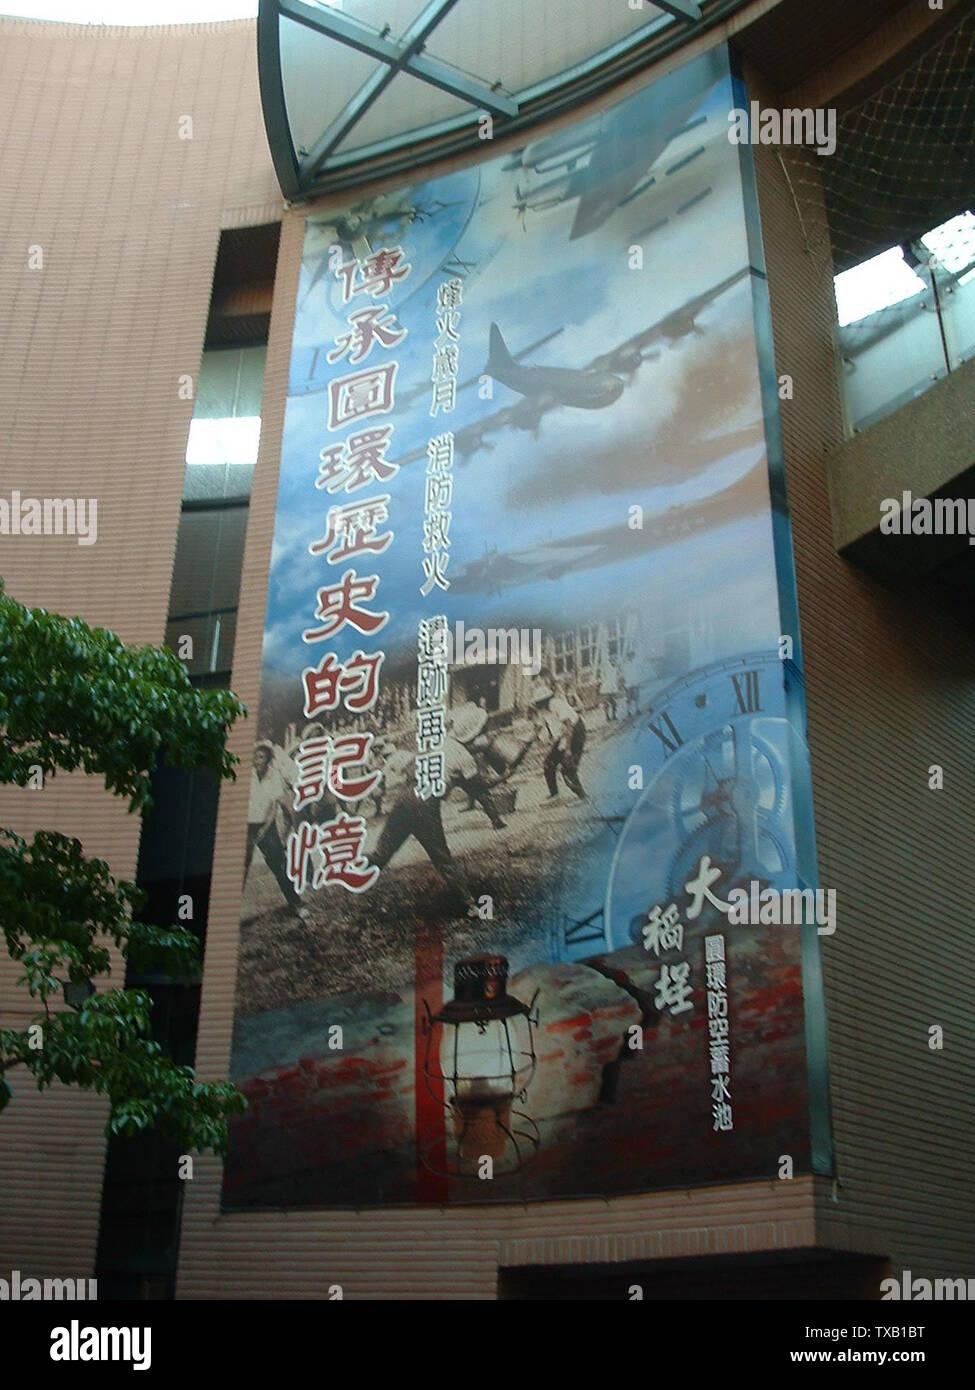 """""""Inglés: una amplia descripción de los antiaéreos, depósito de agua de la ciudad de Taipei, Círculo Dadaocheng 中文(繁體): 大稻埕圓環防空蓄水池大型張貼說明; 5 de agosto de 2006; http://zh.wikipedia.org/wiki/File:PD-2006-08-05-%E5%A4%A7%E7%A8%BB%E5%9F%95%E5%9C%93%E7%92%B0%E9%98%B2%E7%A9%BA%E8%93%84%E6%B0%B4%E6%B1%A0%E5%A4%A7%E5%9E%8B%E5%BC%B5%E8%B2%BC%E8%AA%AA%E6%98%8E.jpg; Danny.umd; ' Imagen De Stock"""